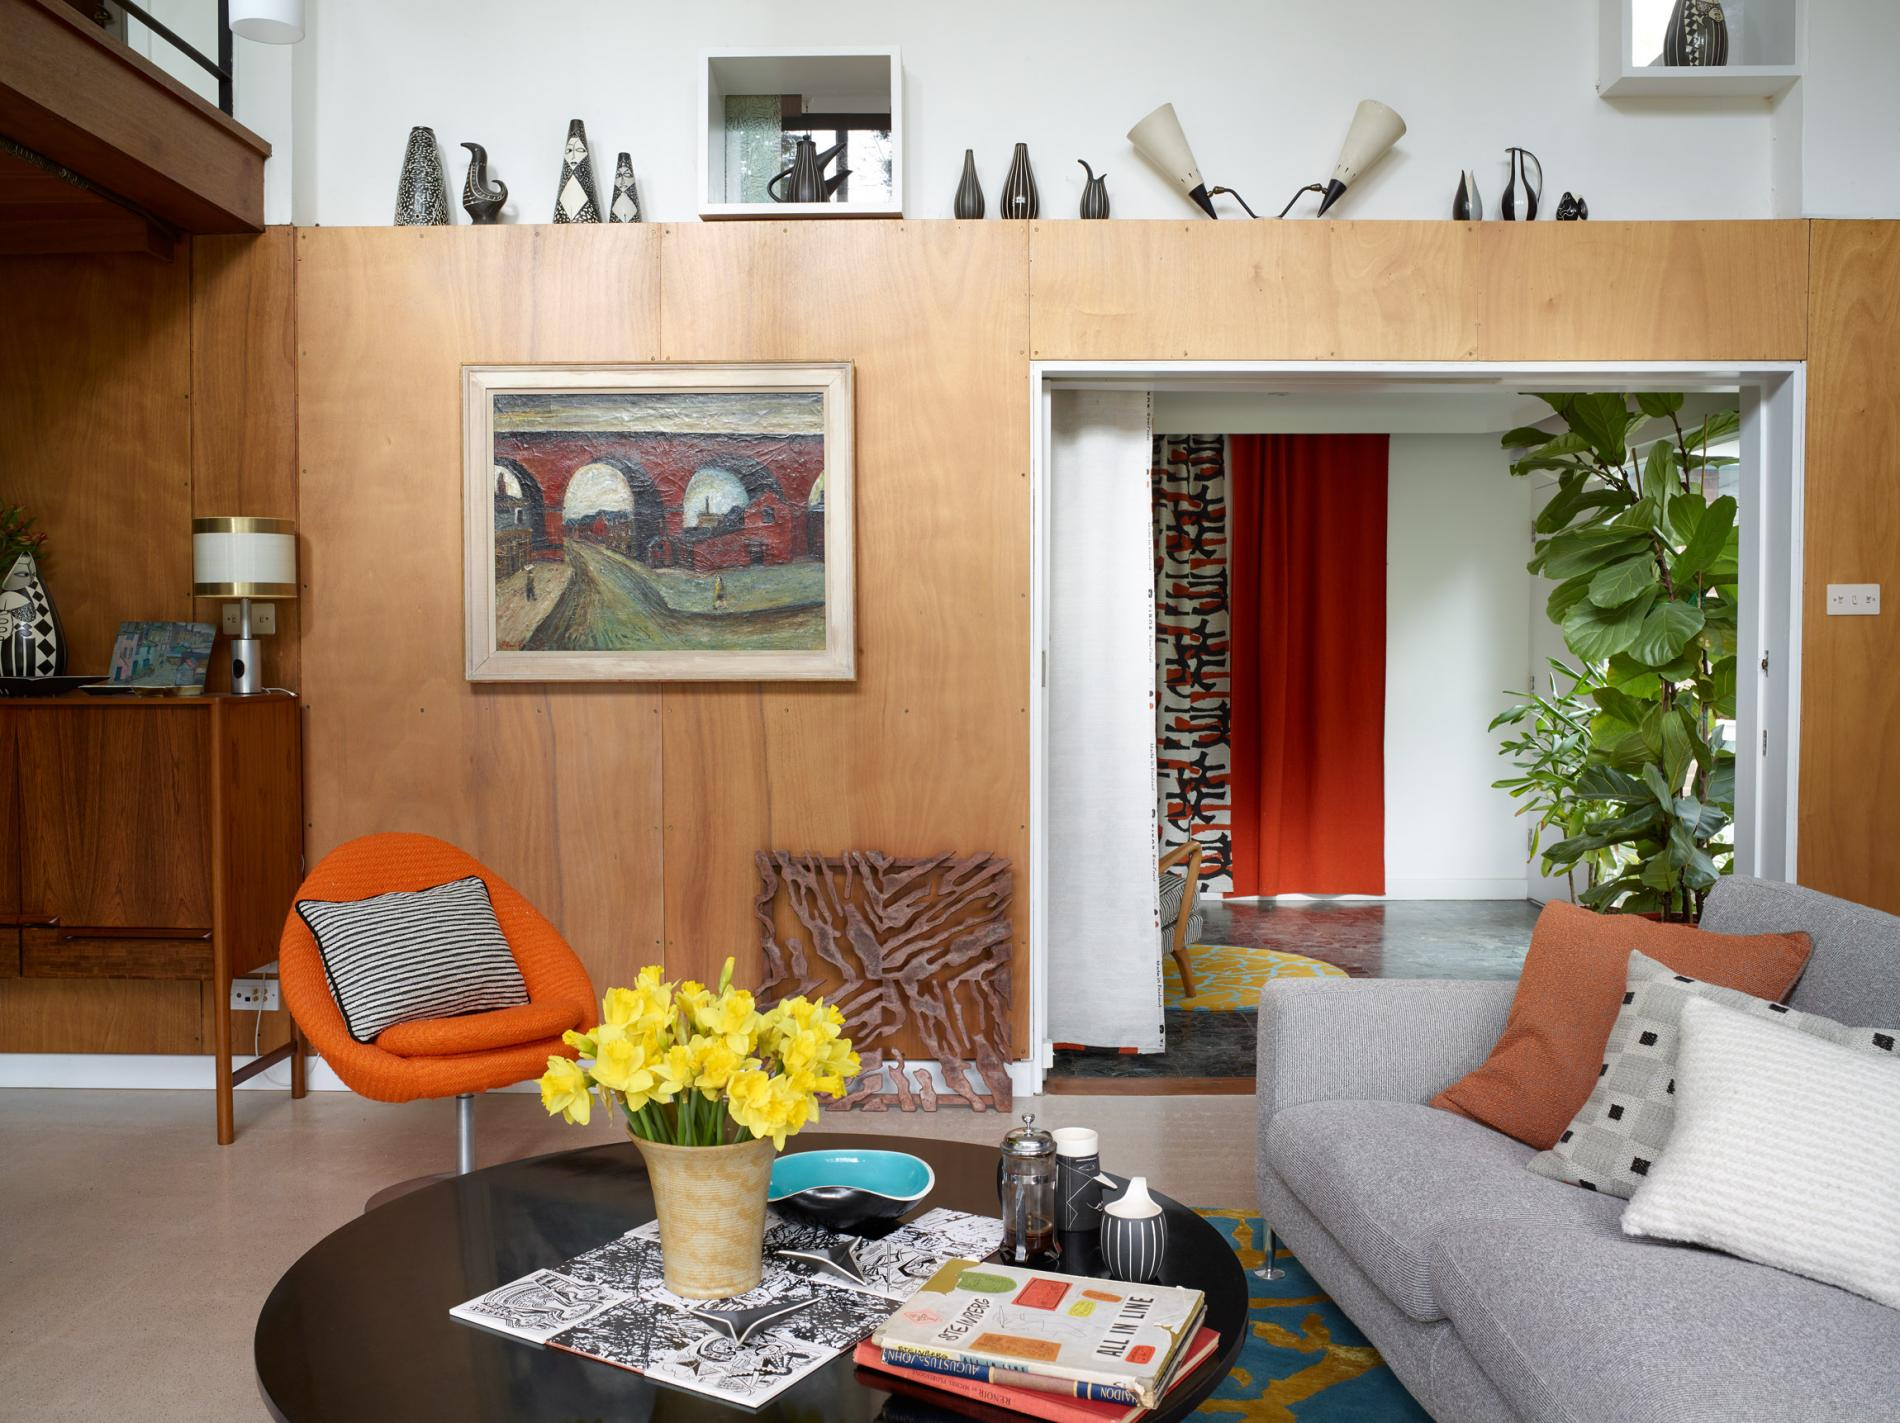 rachael-smith-interiors-14122019-084-1